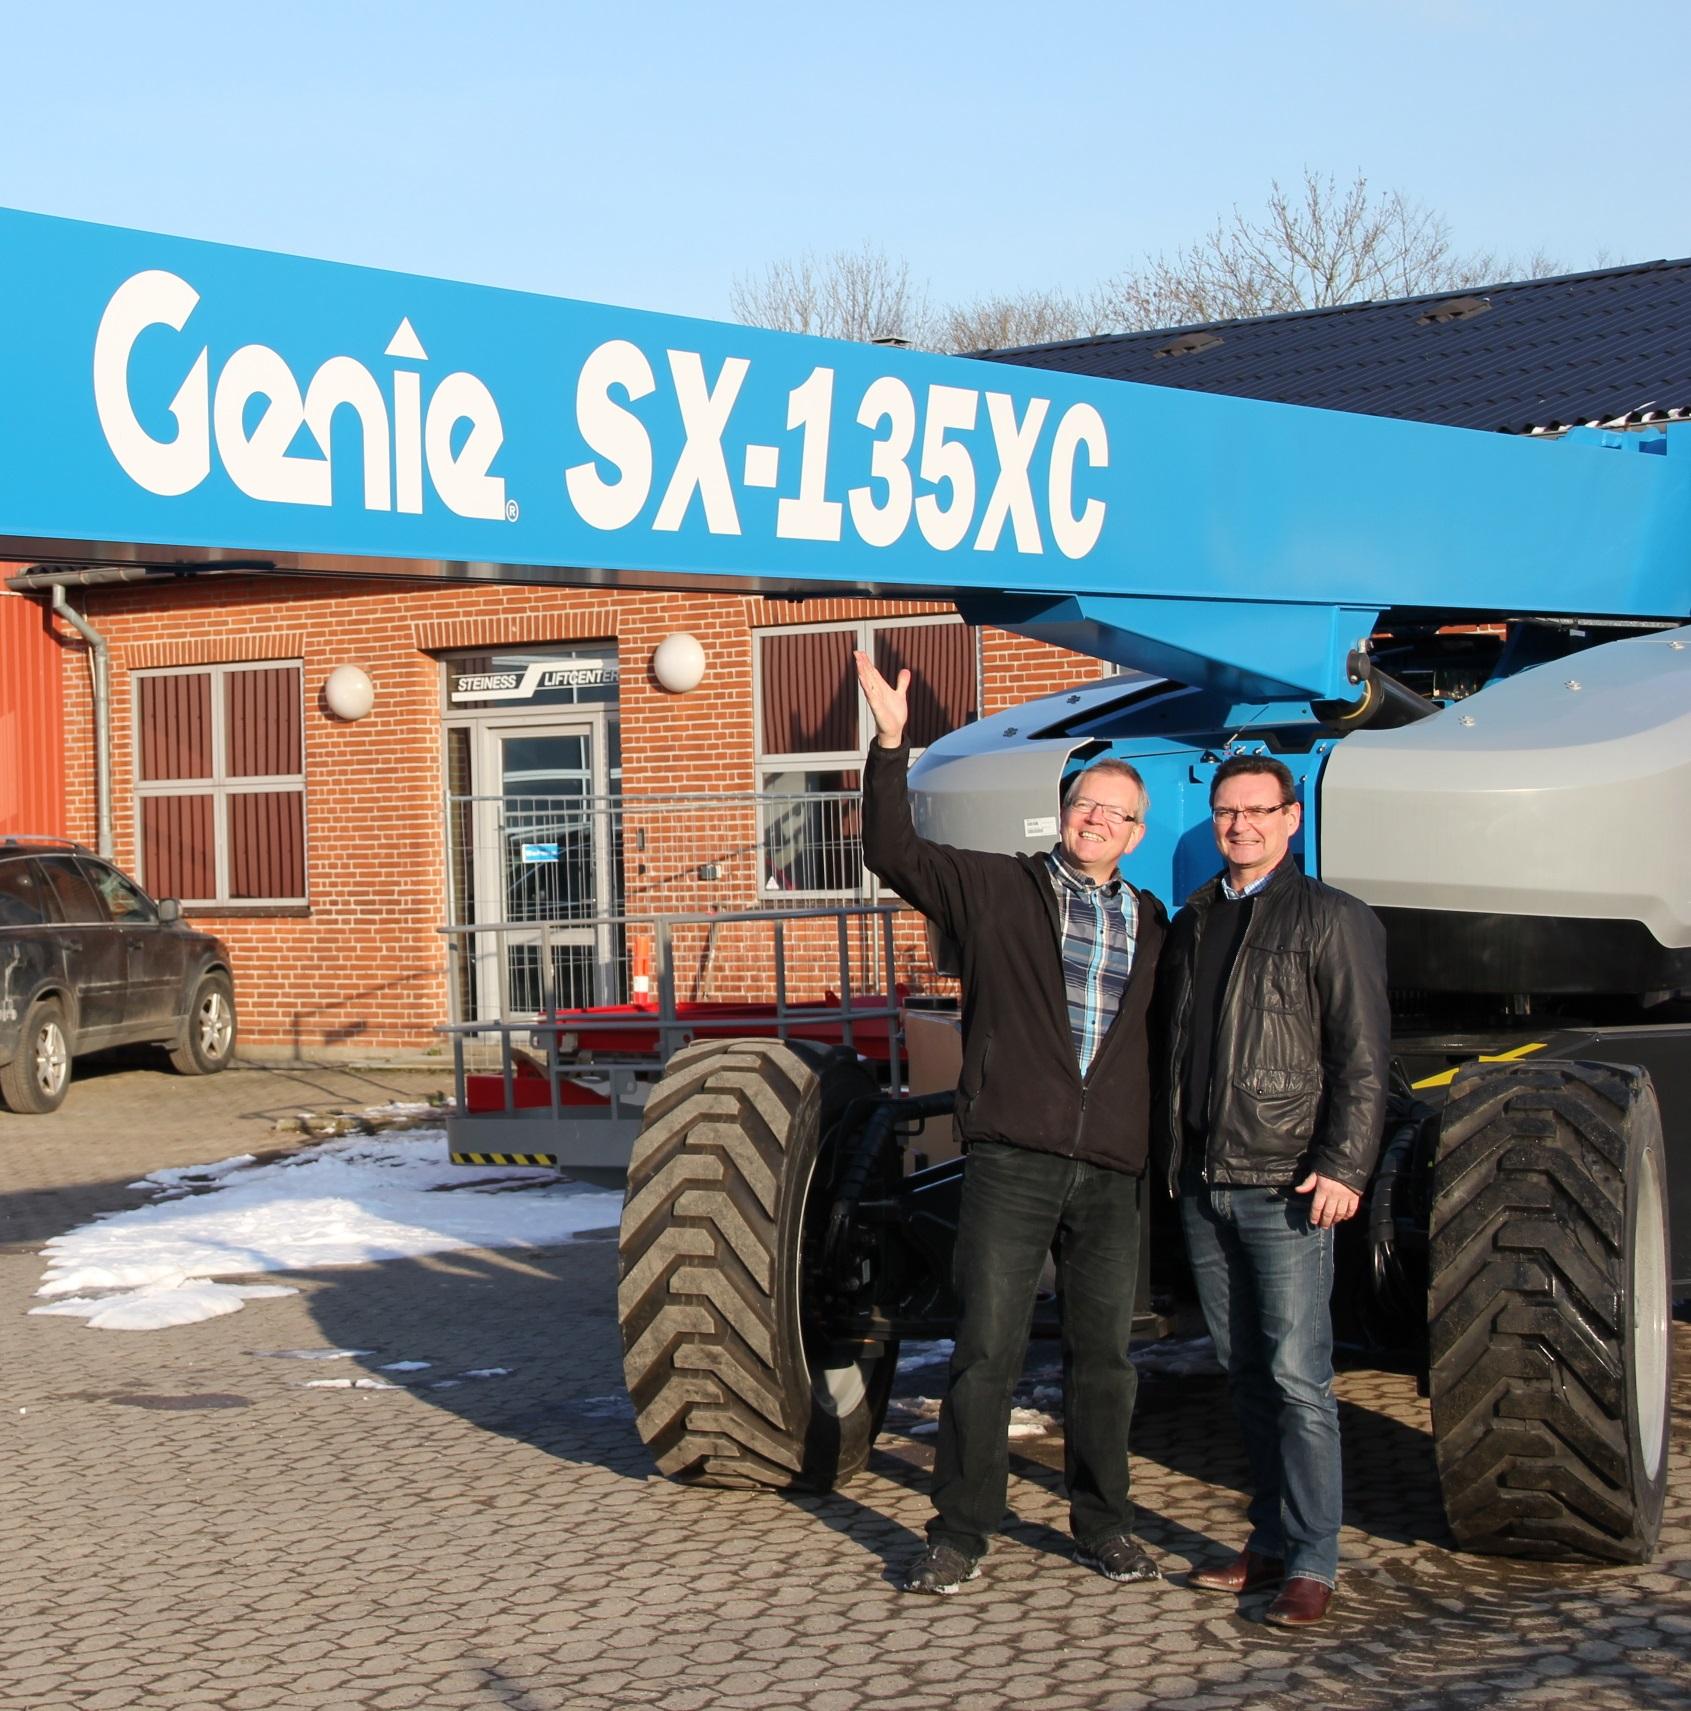 Die neue SX-135 XC mit Poul Steiness (links) und Genie Sales Director Lars Raagaard